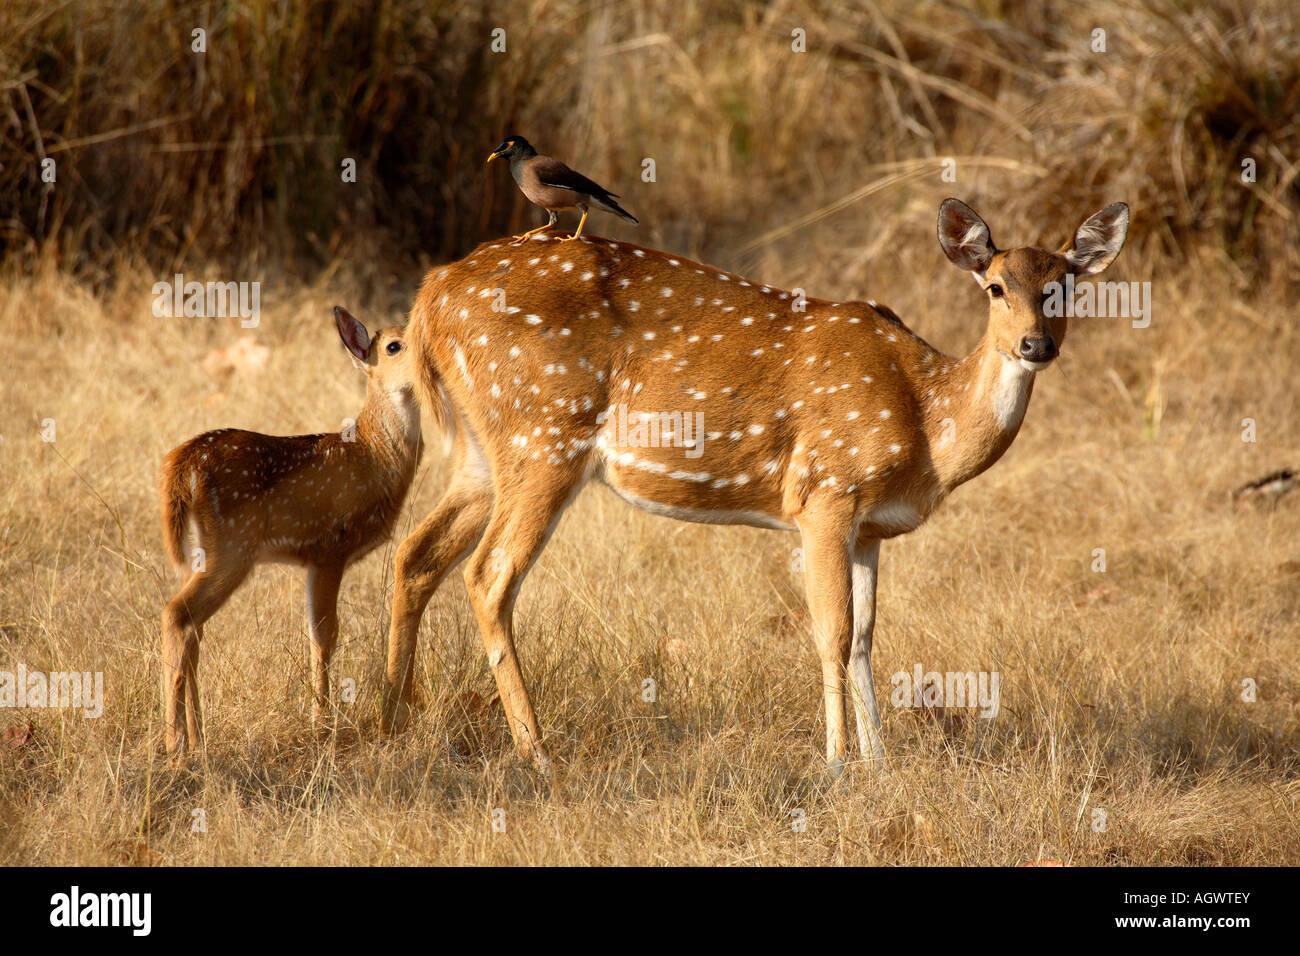 India Parco Nazionale di Kanha kanha riserva della tigre chital cervi asse Capriolo Cervo maculato asse asse fawn Immagini Stock